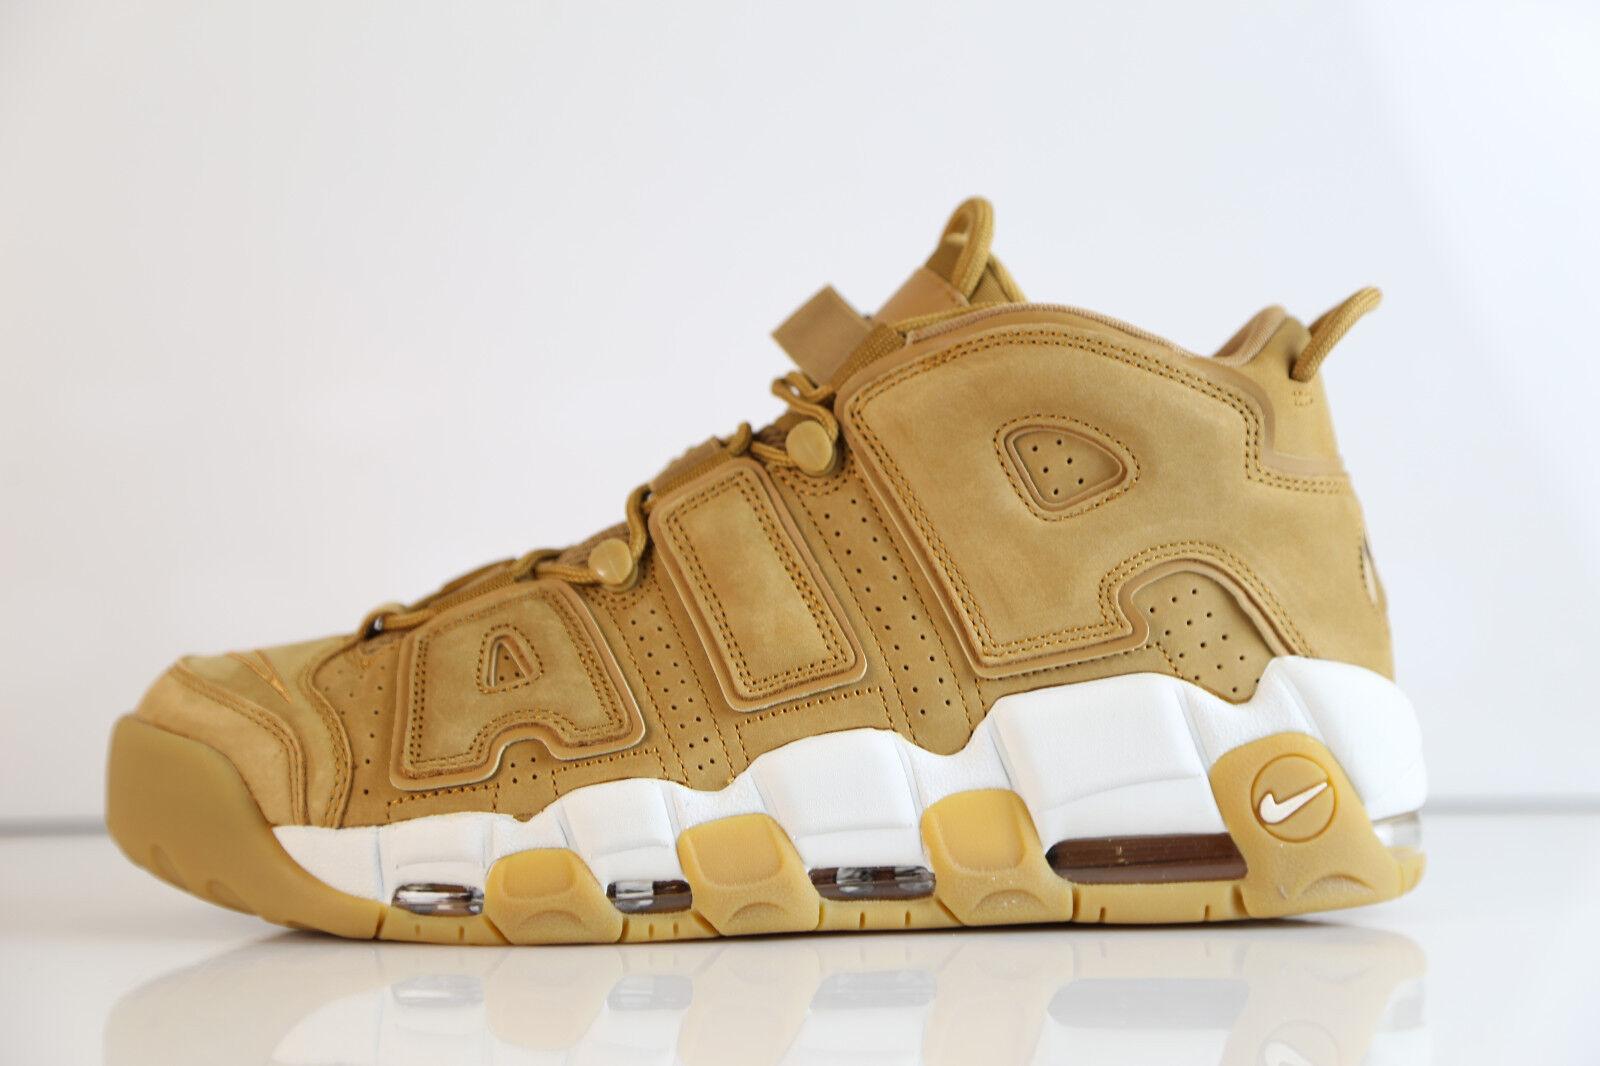 Nike ritmo air più ritmo Nike 96 sonodiventate lino grano aa4060-200 7 - 14 max pippen tan ece866